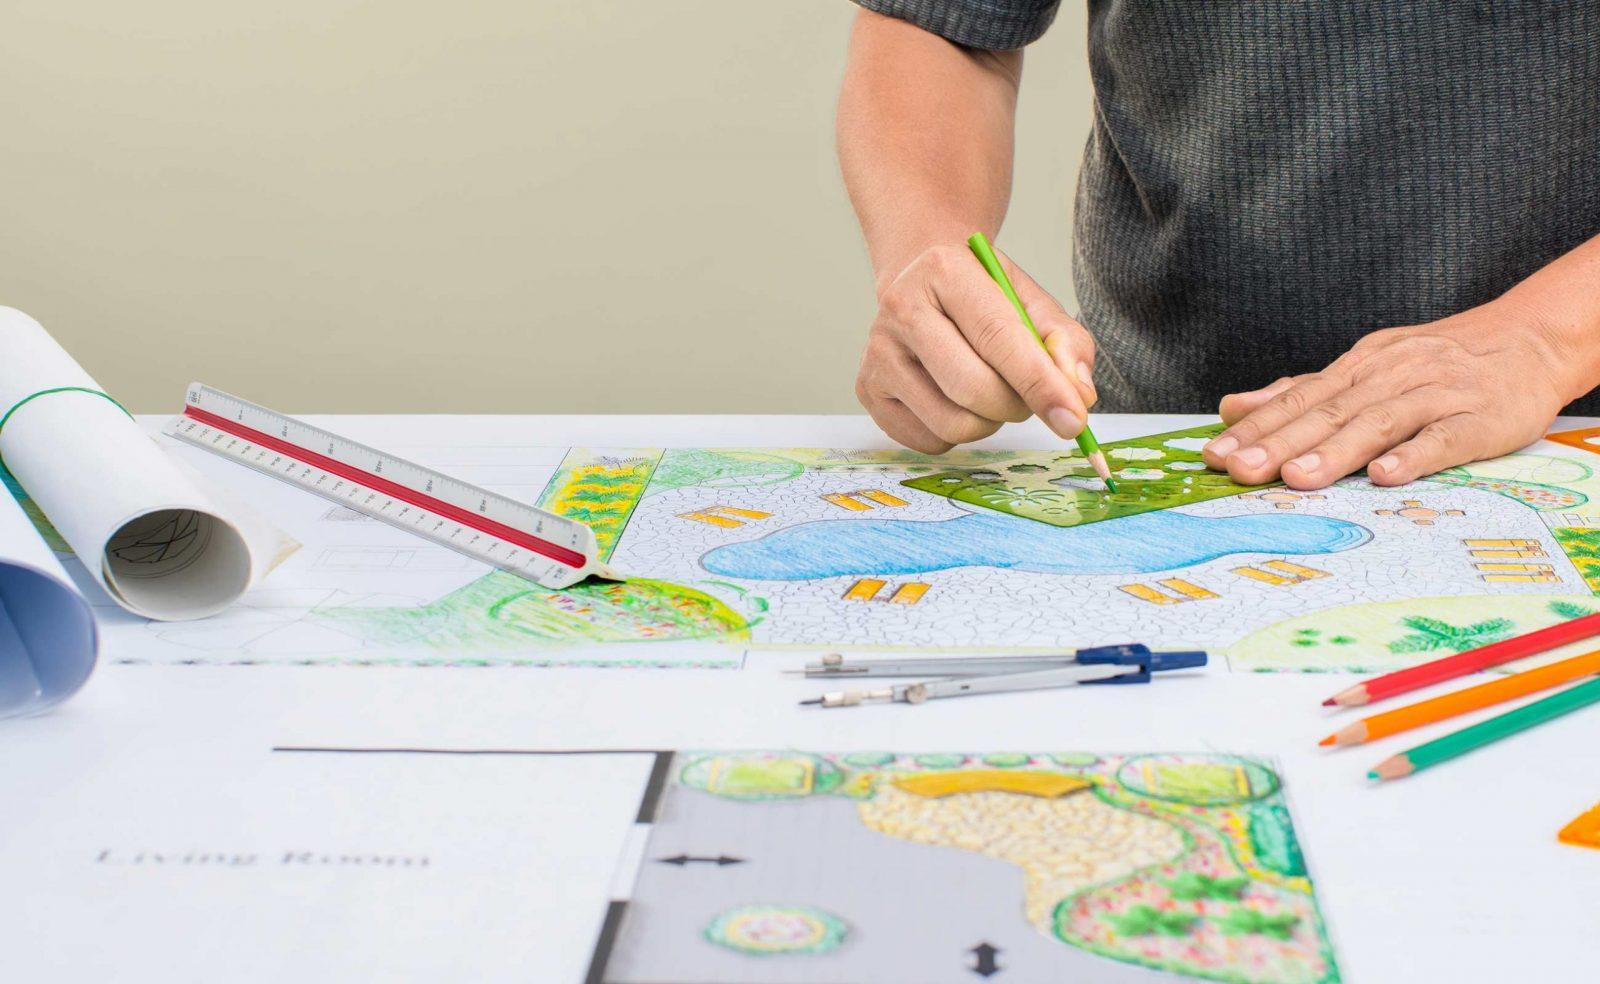 landscape designer drawing plans